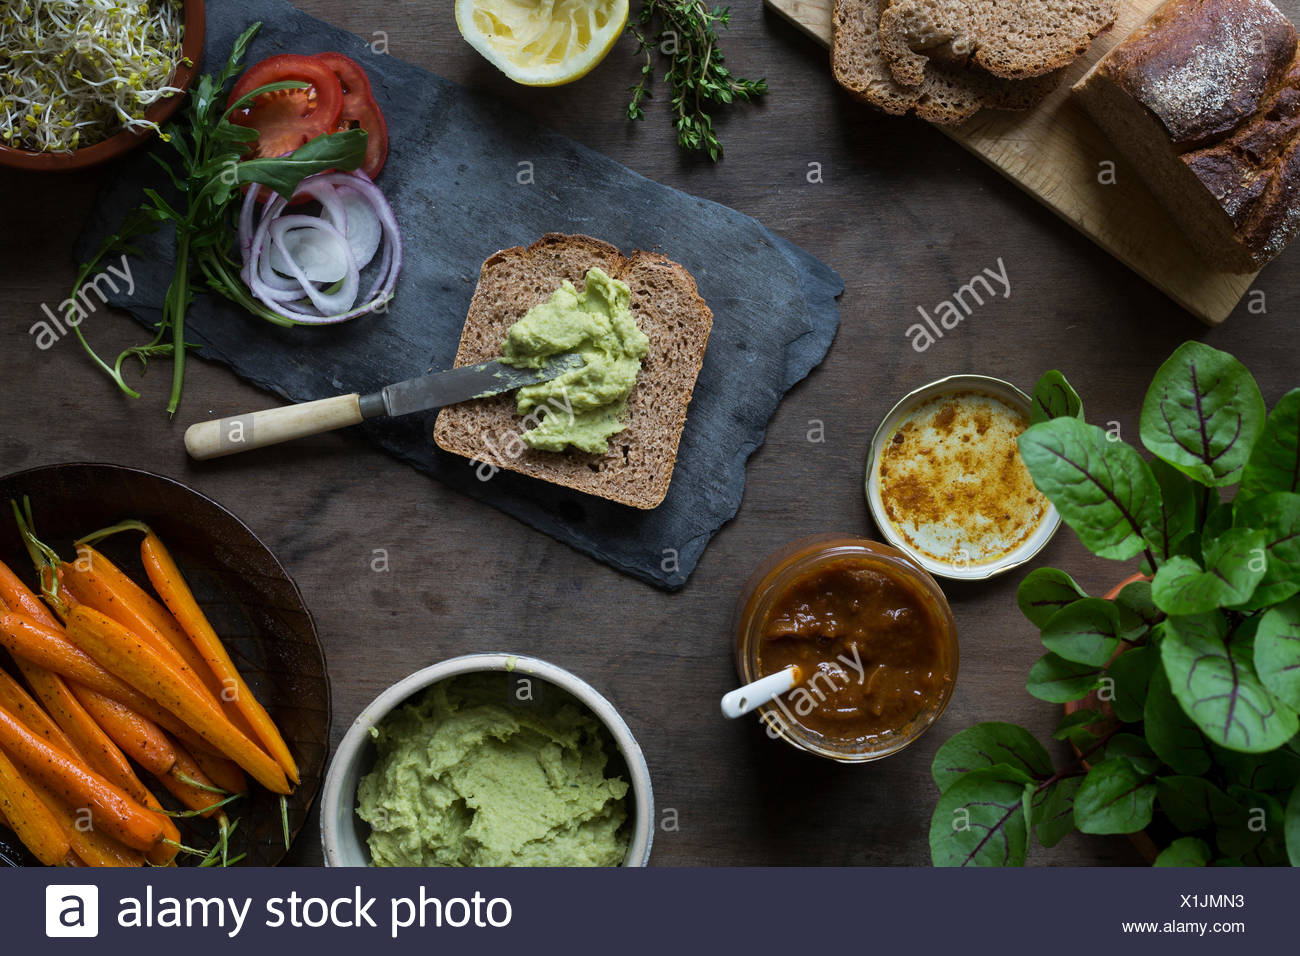 La préparation des sandwichs vegan pour pique-nique avec des carottes, des rôties, de pois et de feuilles vertes. Vue d'en haut Photo Stock